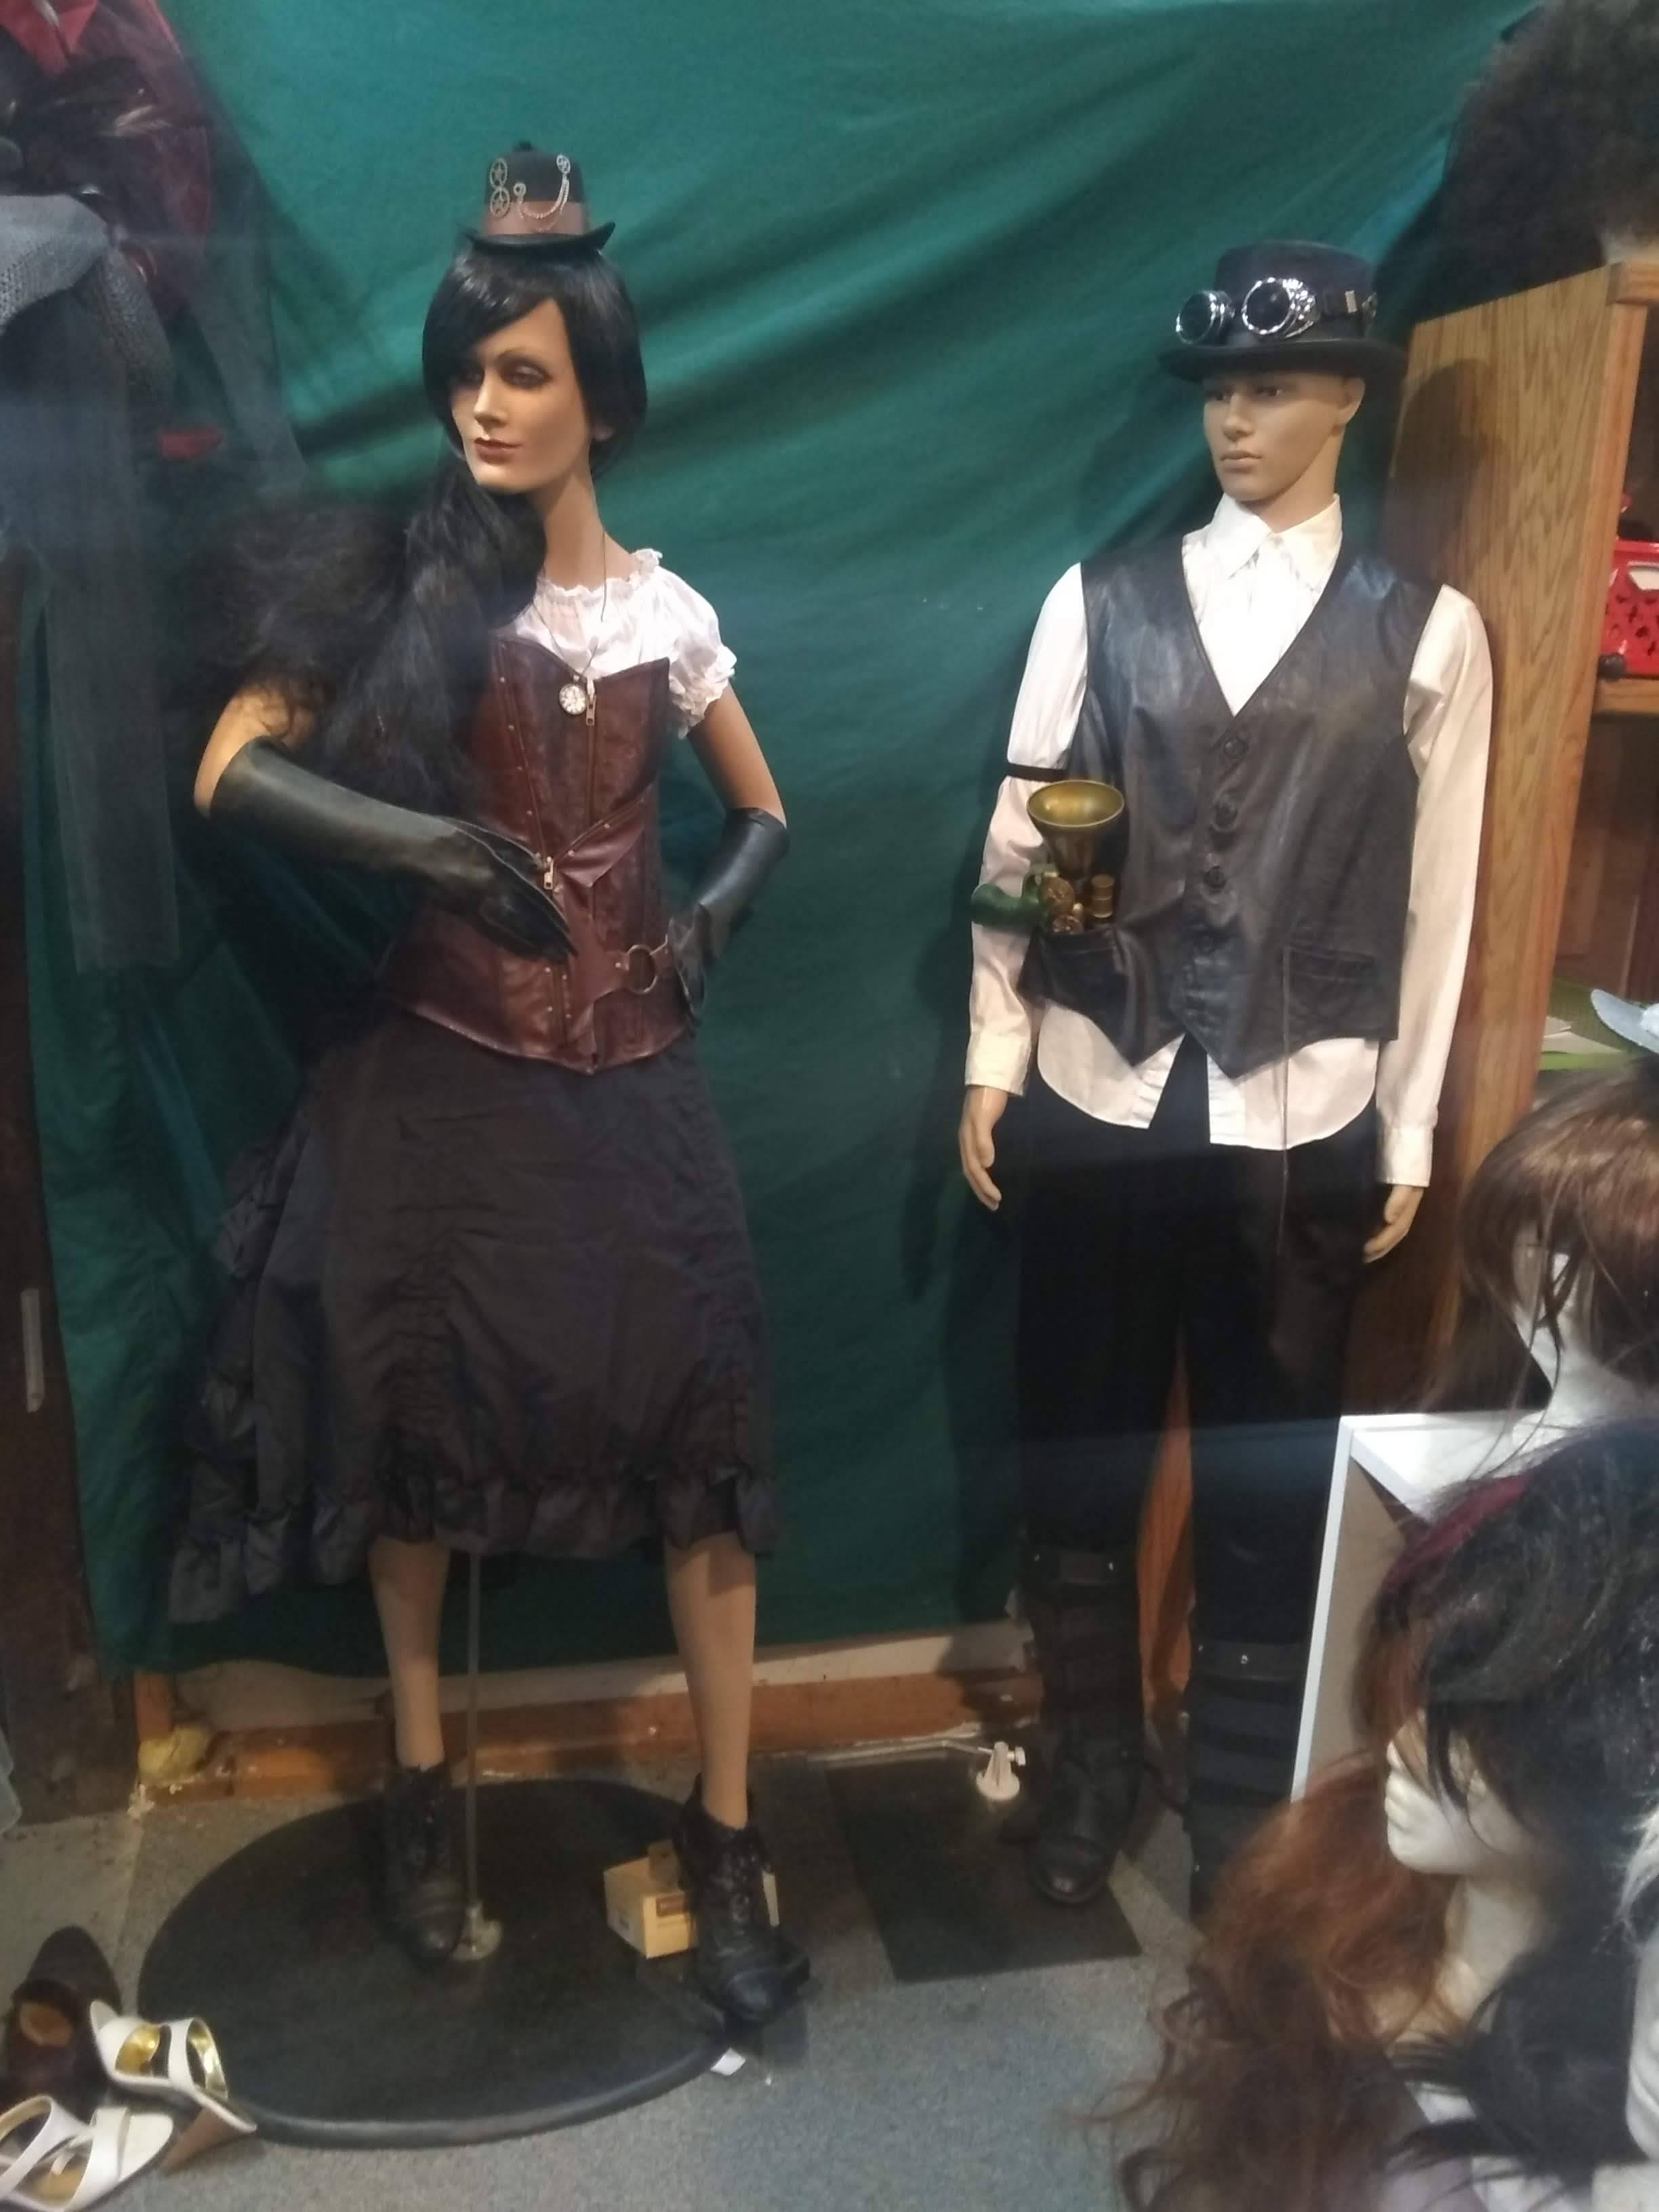 Steampunk Female & Male